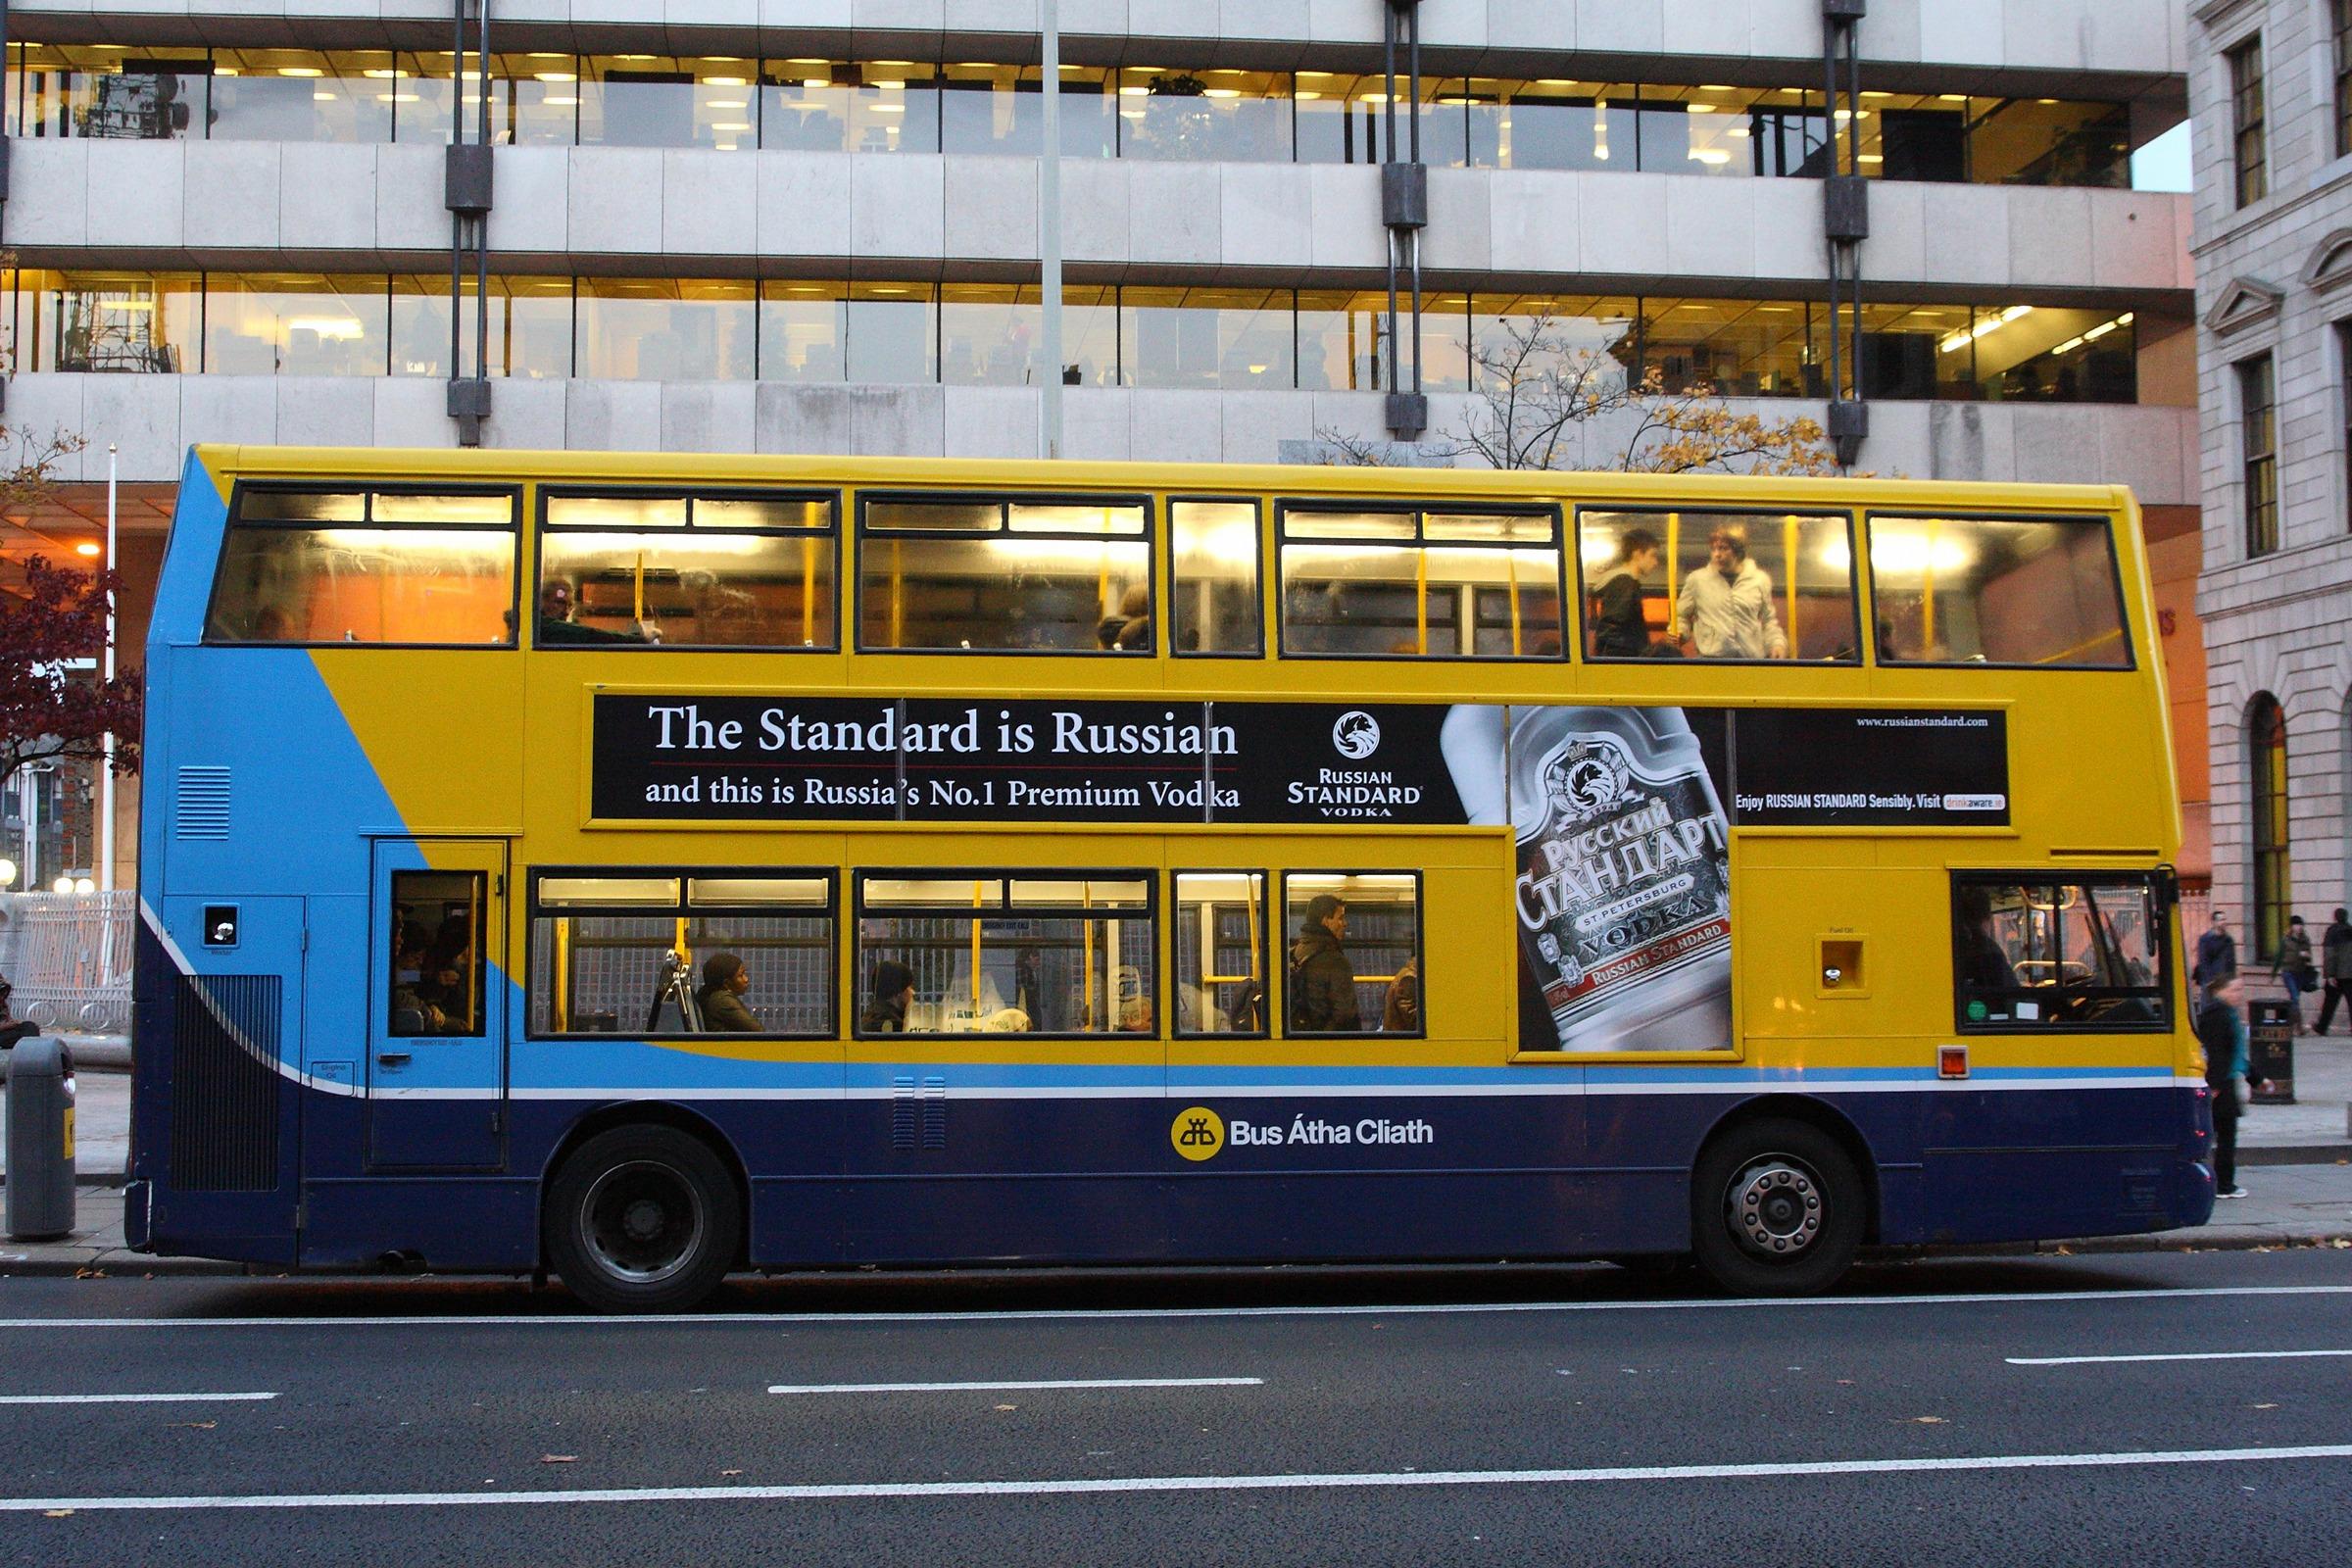 Реклама водки российского бренда наавтобусе вДублине, Ирландия.